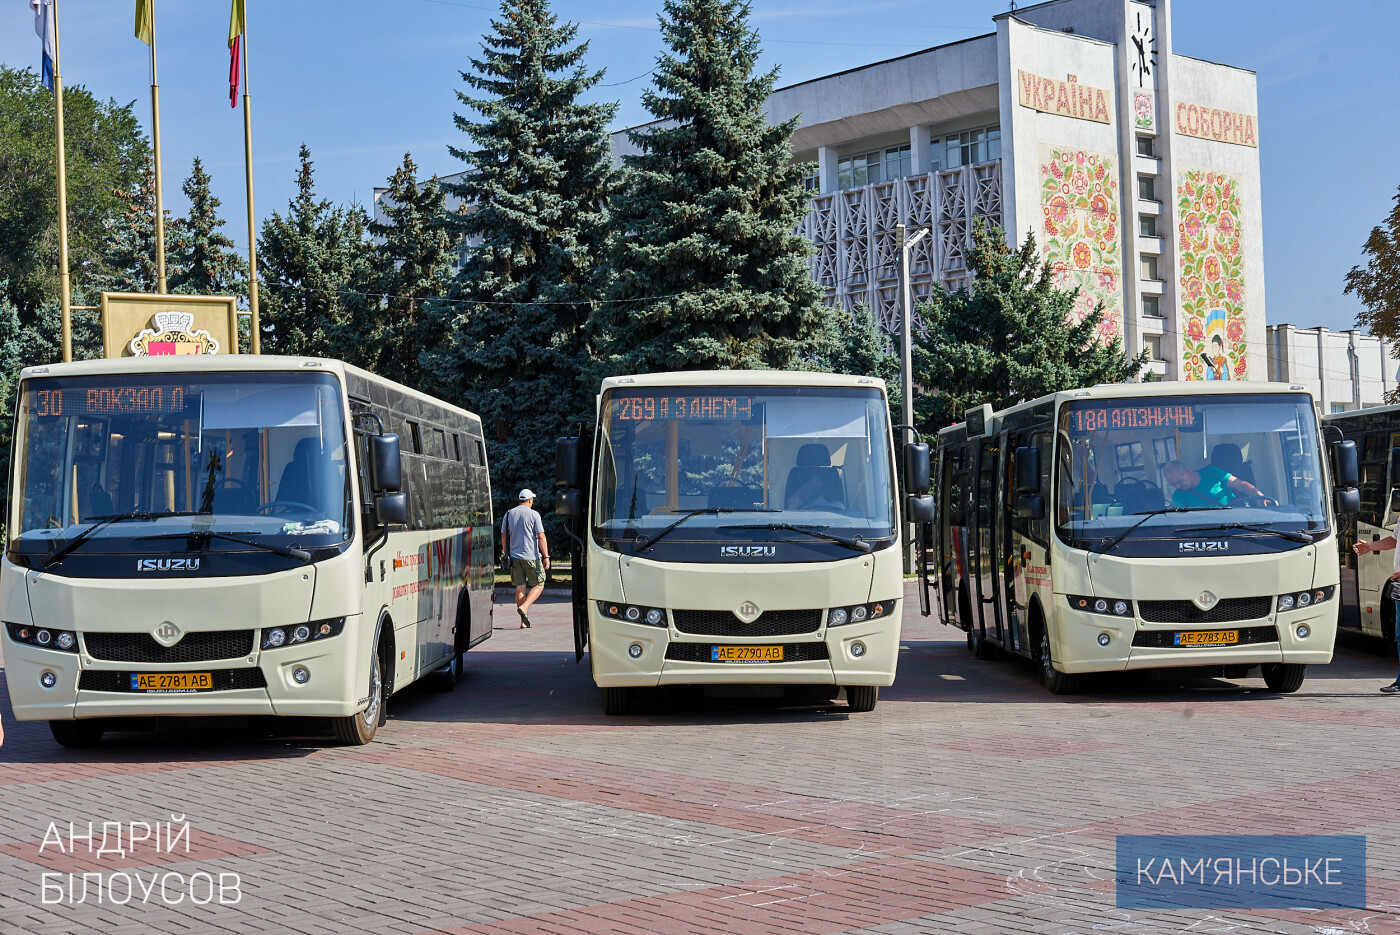 Новые «Атаманы» вышли на маршруты Каменского, фото-5